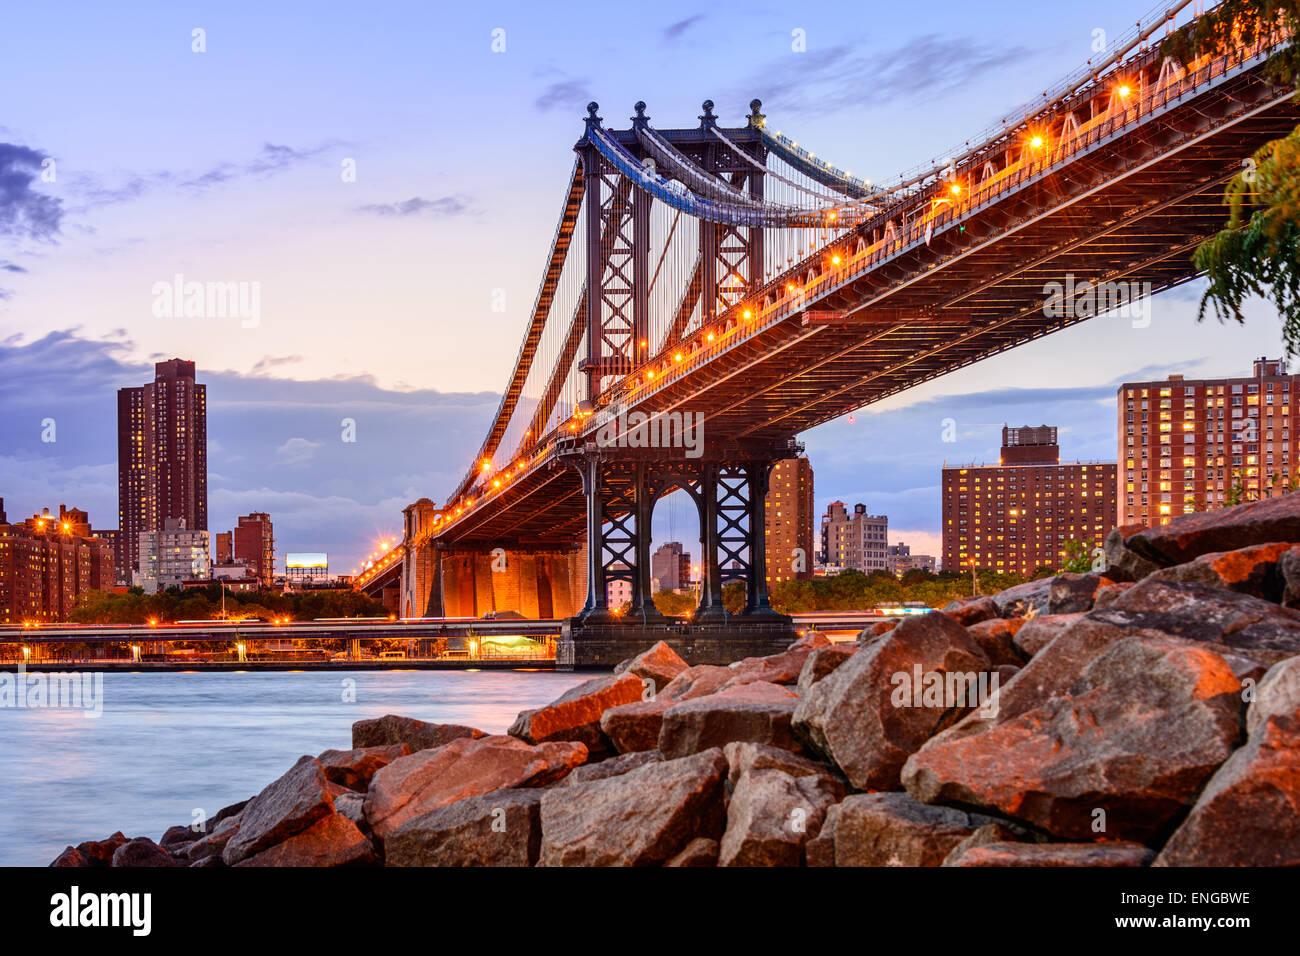 La Ciudad de Nueva York, EE.UU. en el puente de Manhattan el East River. Imagen De Stock